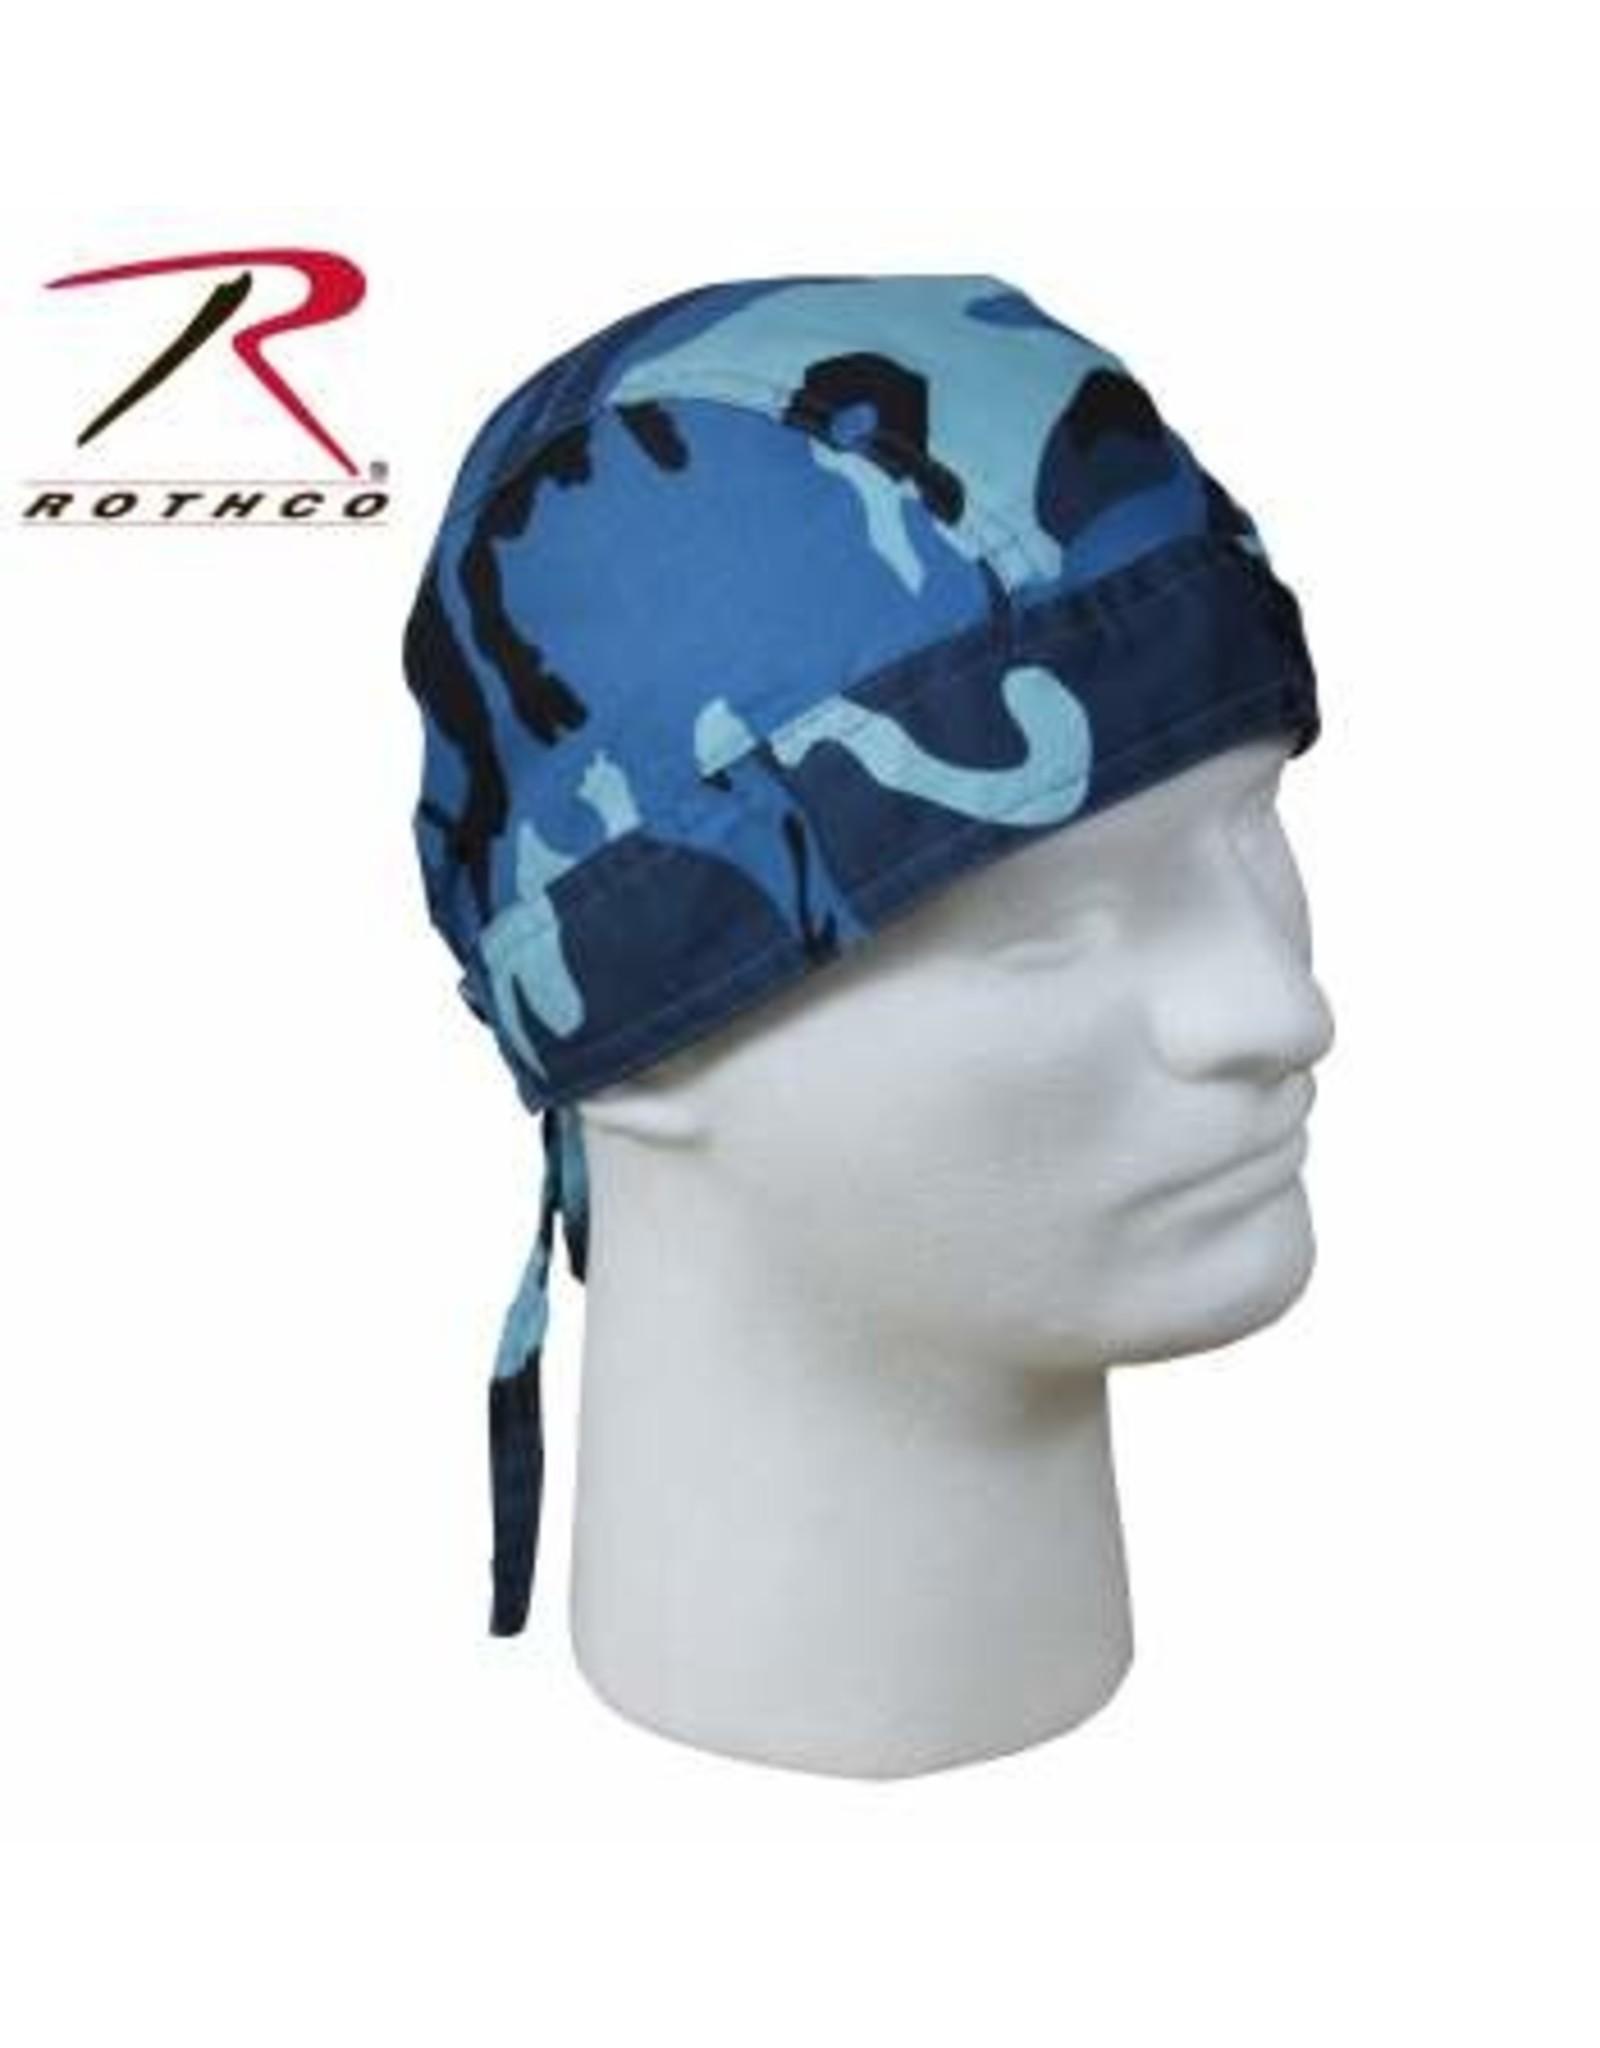 ROTHCO 100% COTTON HEADWRAP